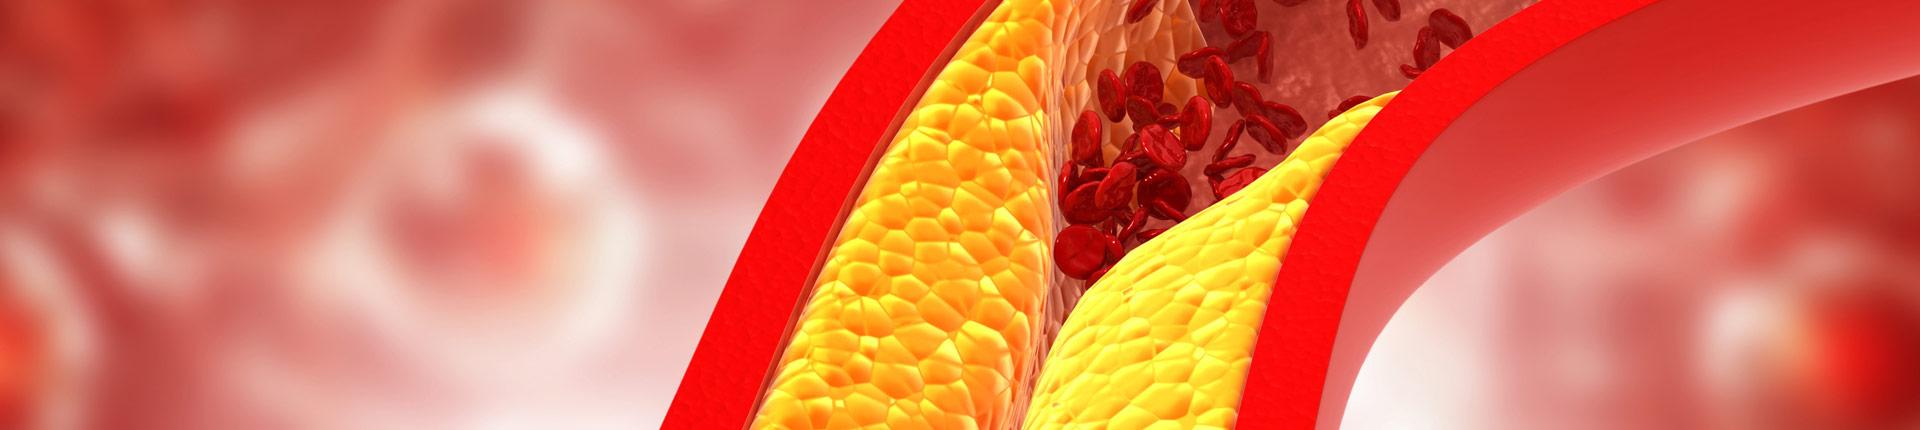 Czy witamina C obniża poziom cholesterolu?